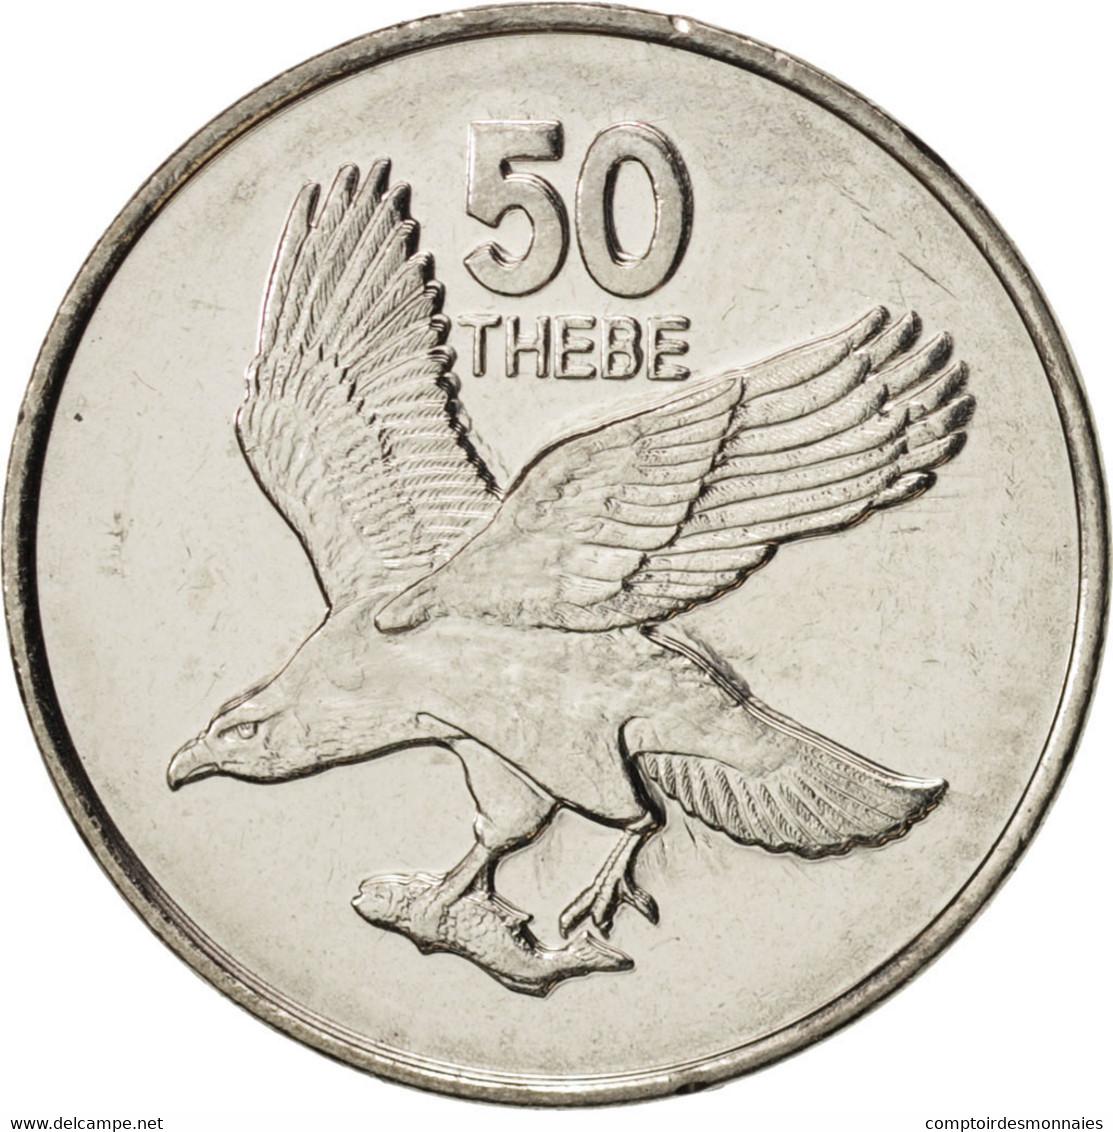 Botswana, 50 Thebe, 2001, British Royal Mint, SPL+, Nickel Plated Steel, KM:29 - Botswana